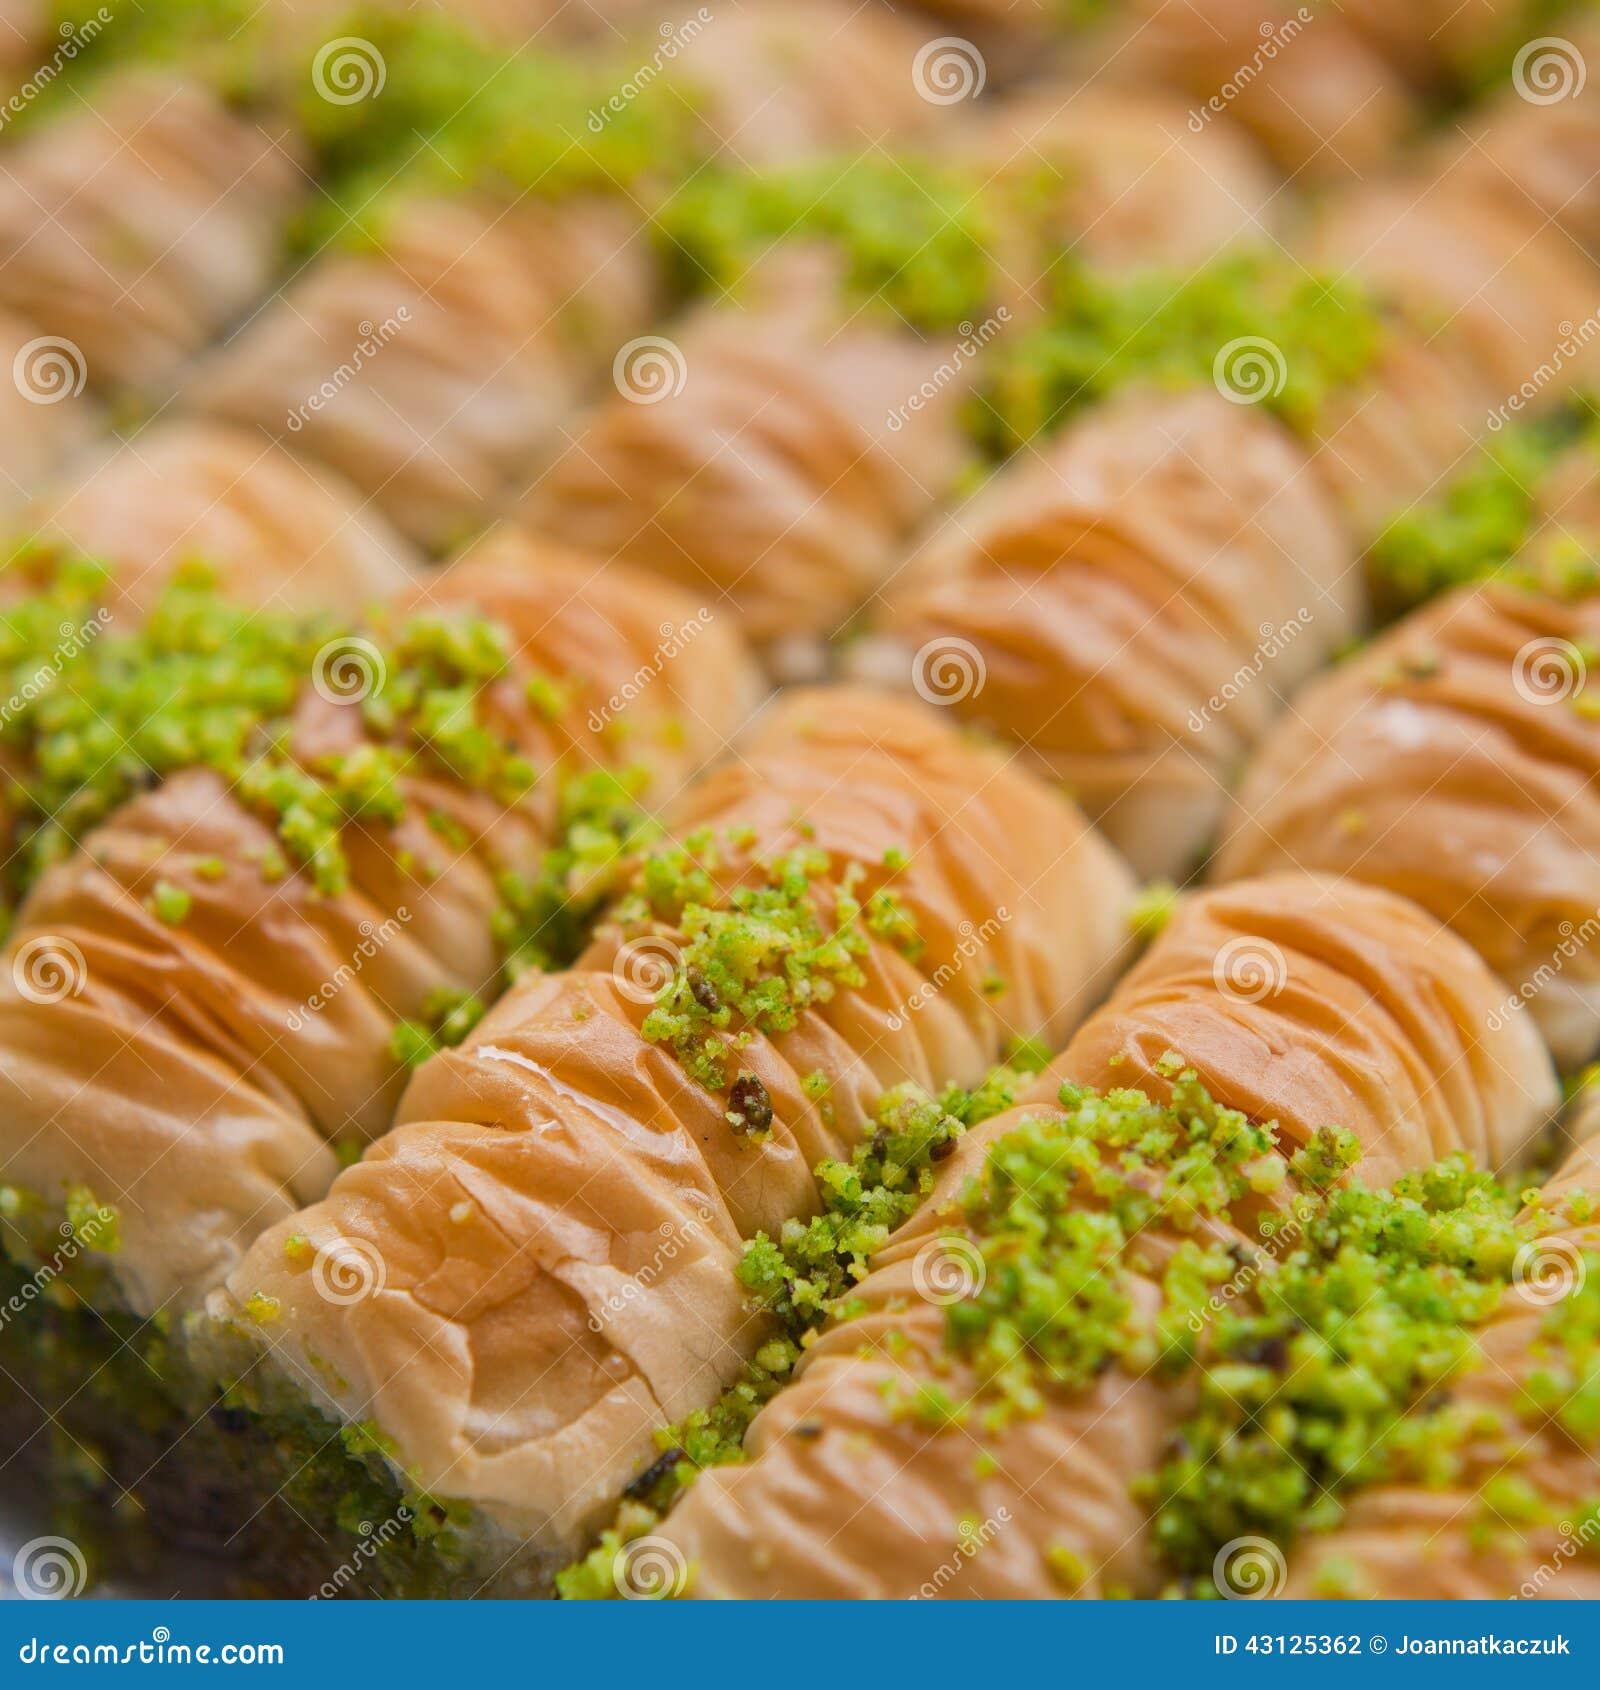 Turkische Baklava Mit Pistazien Stockfoto Bild Von Meer Gesetzt